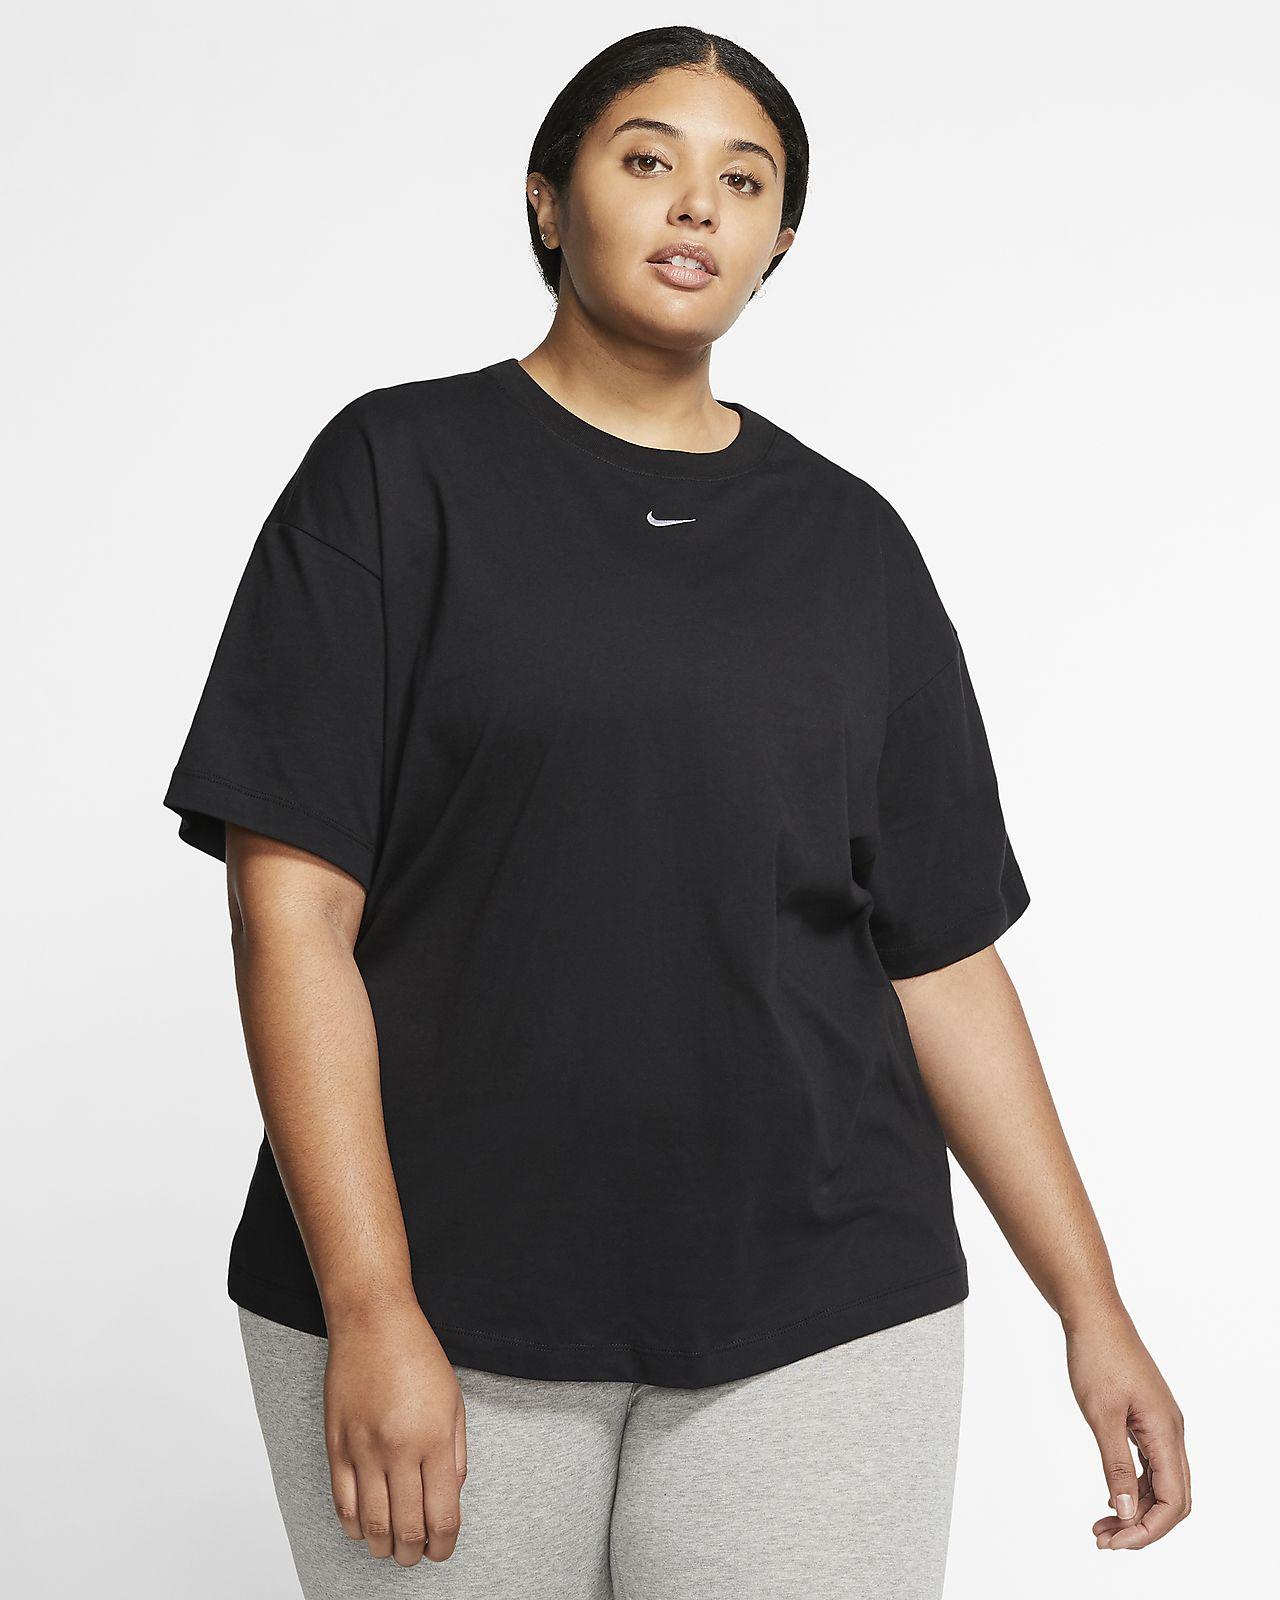 Nike Sportswear Essential Women's Short Sleeve Top (Plus Size)